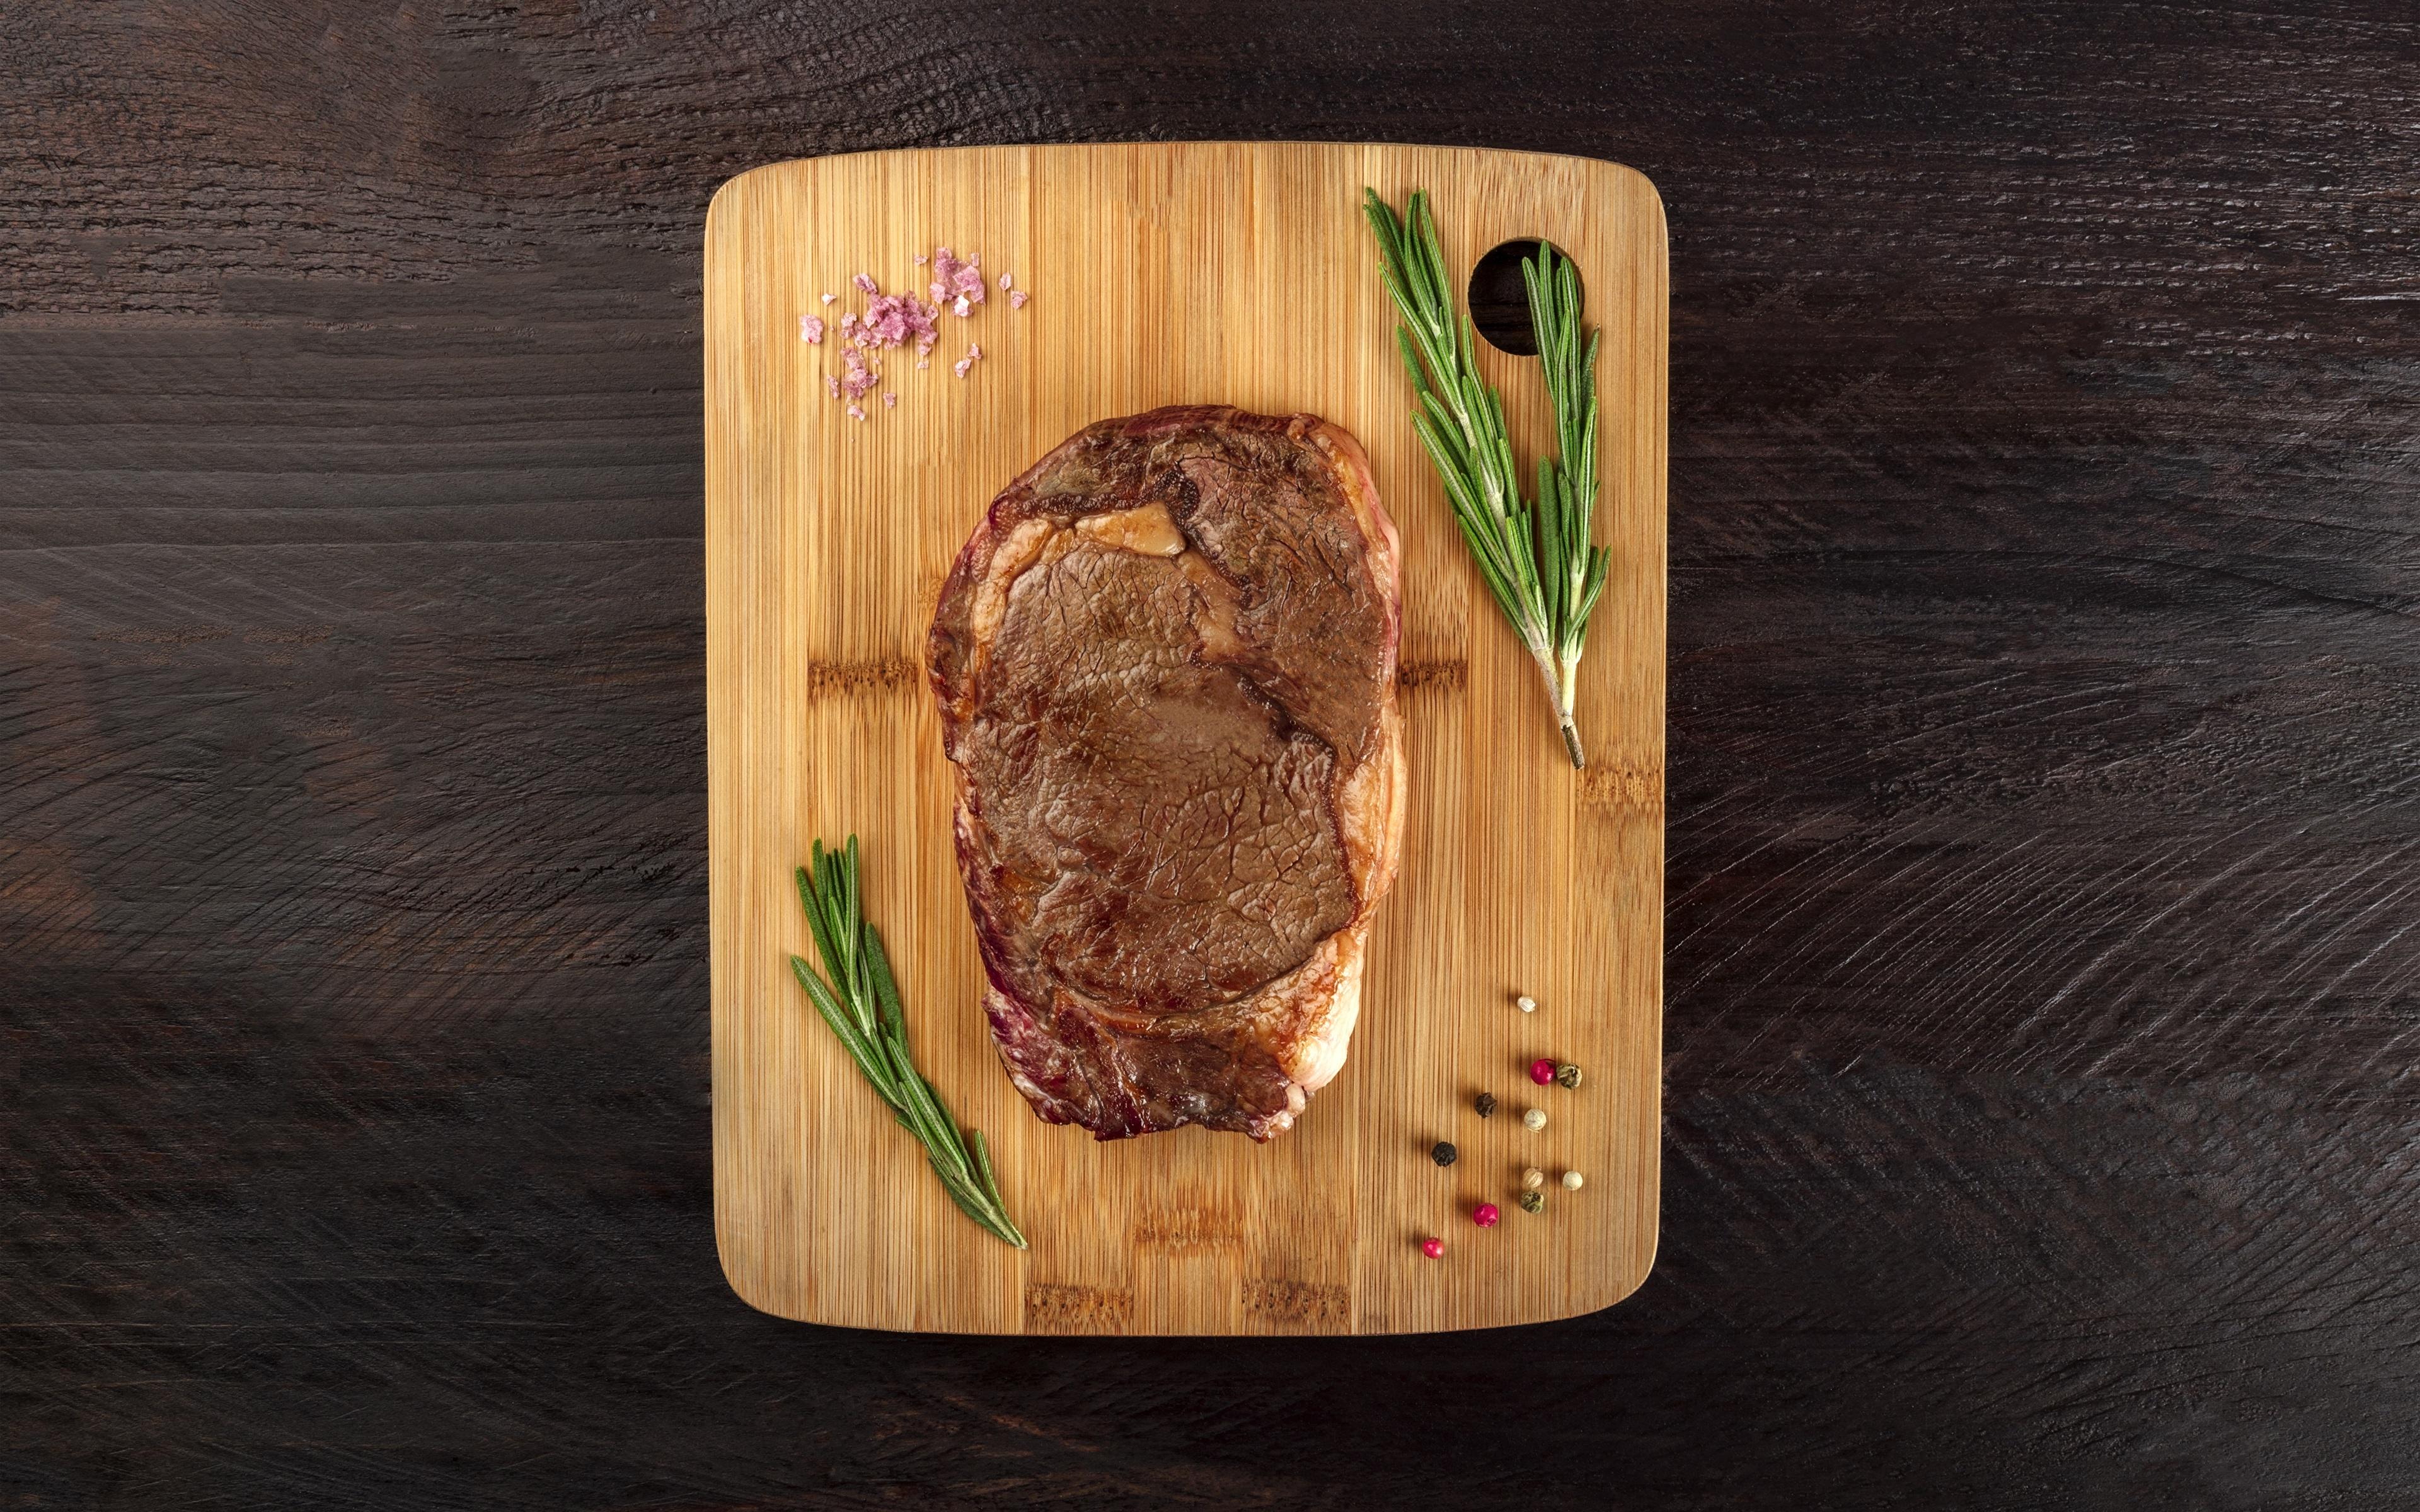 Fotos von rosemary das Essen Schneidebrett Fleischwaren 3840x2400 Lebensmittel